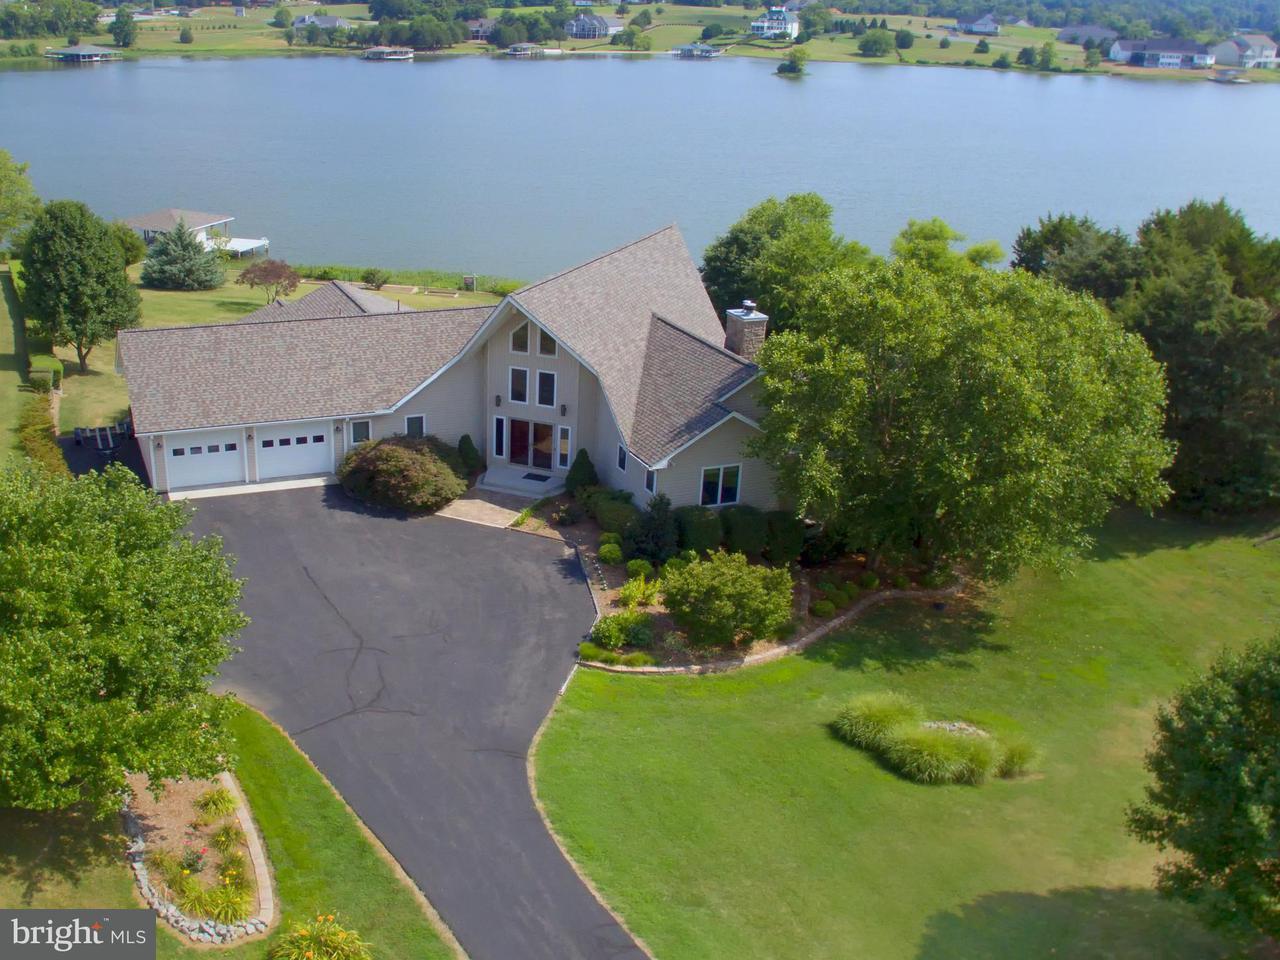 Maison unifamiliale pour l Vente à 5807 Blue Ridge Road 5807 Blue Ridge Road Mineral, Virginia 23117 États-Unis